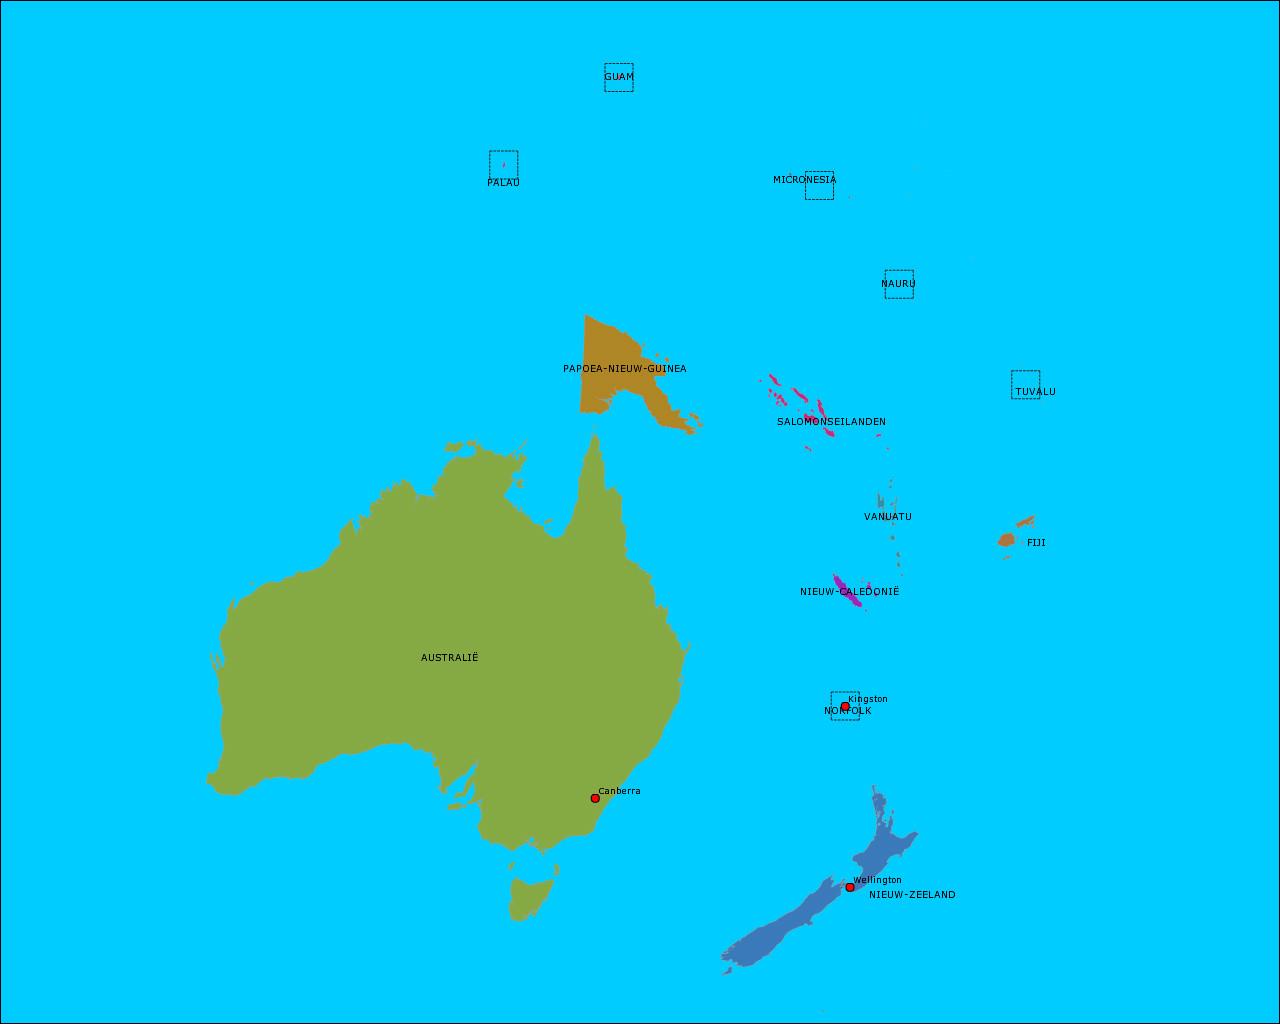 australie-en-nieuw-zeeland